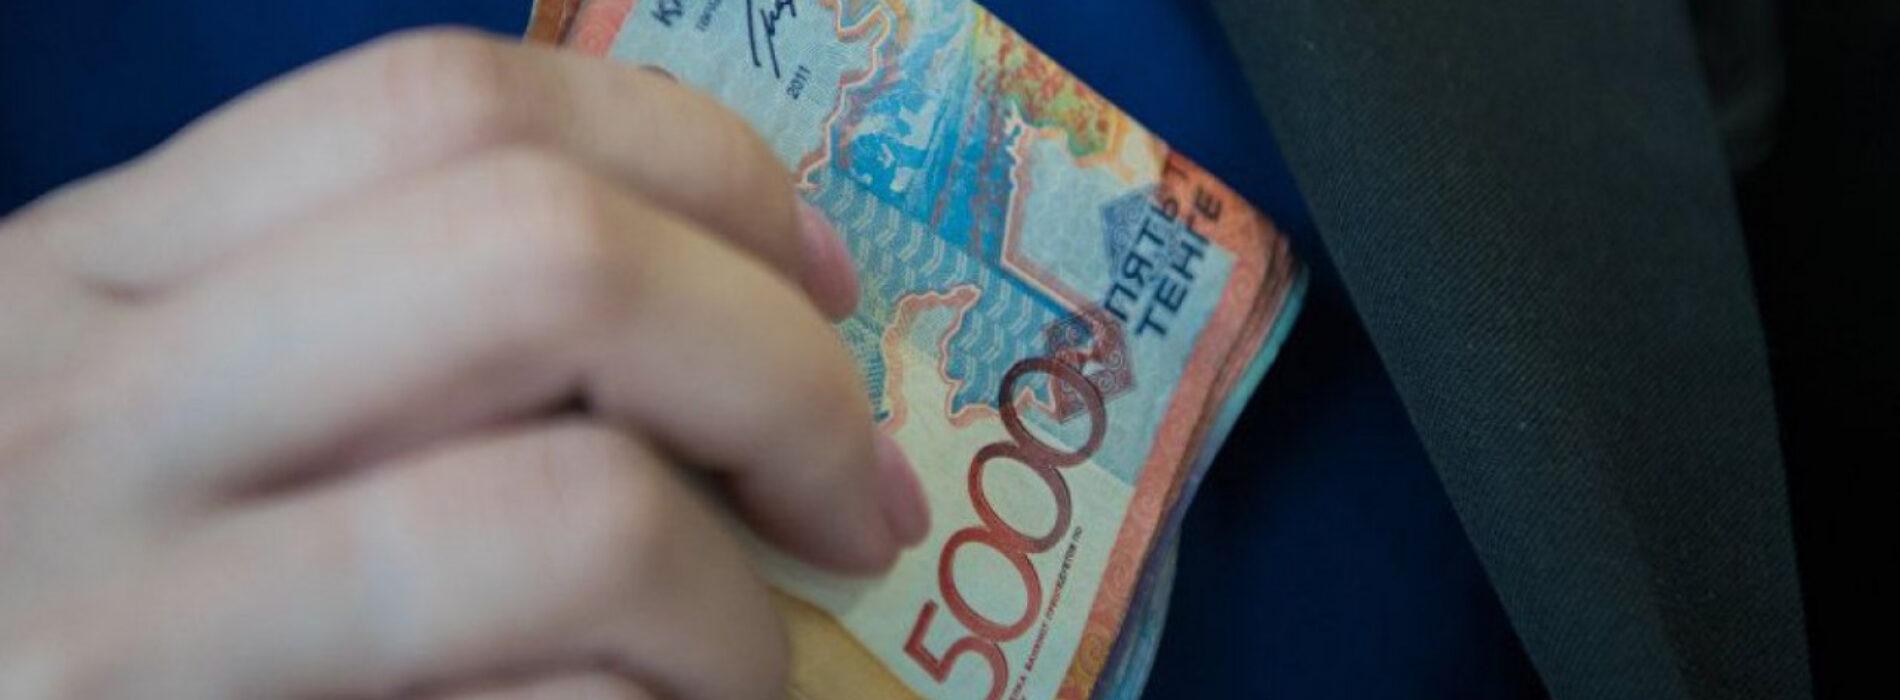 Где казахстанцам чаще приходится давать взятки